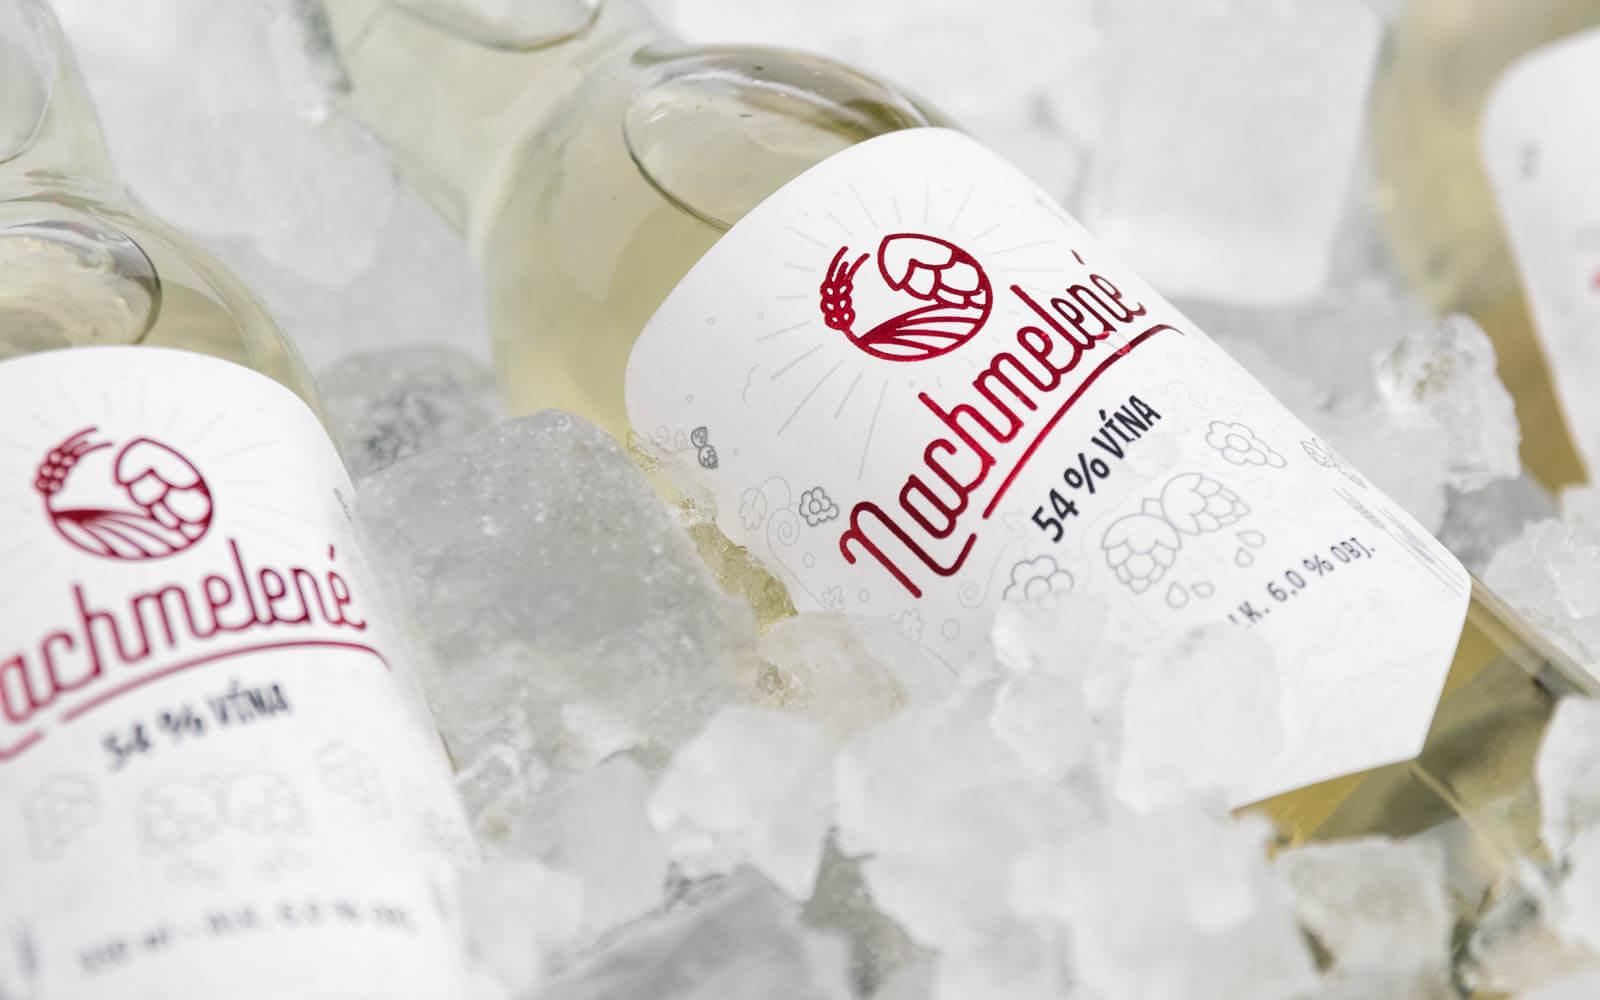 obrázek lahve Nachmelené na ledu